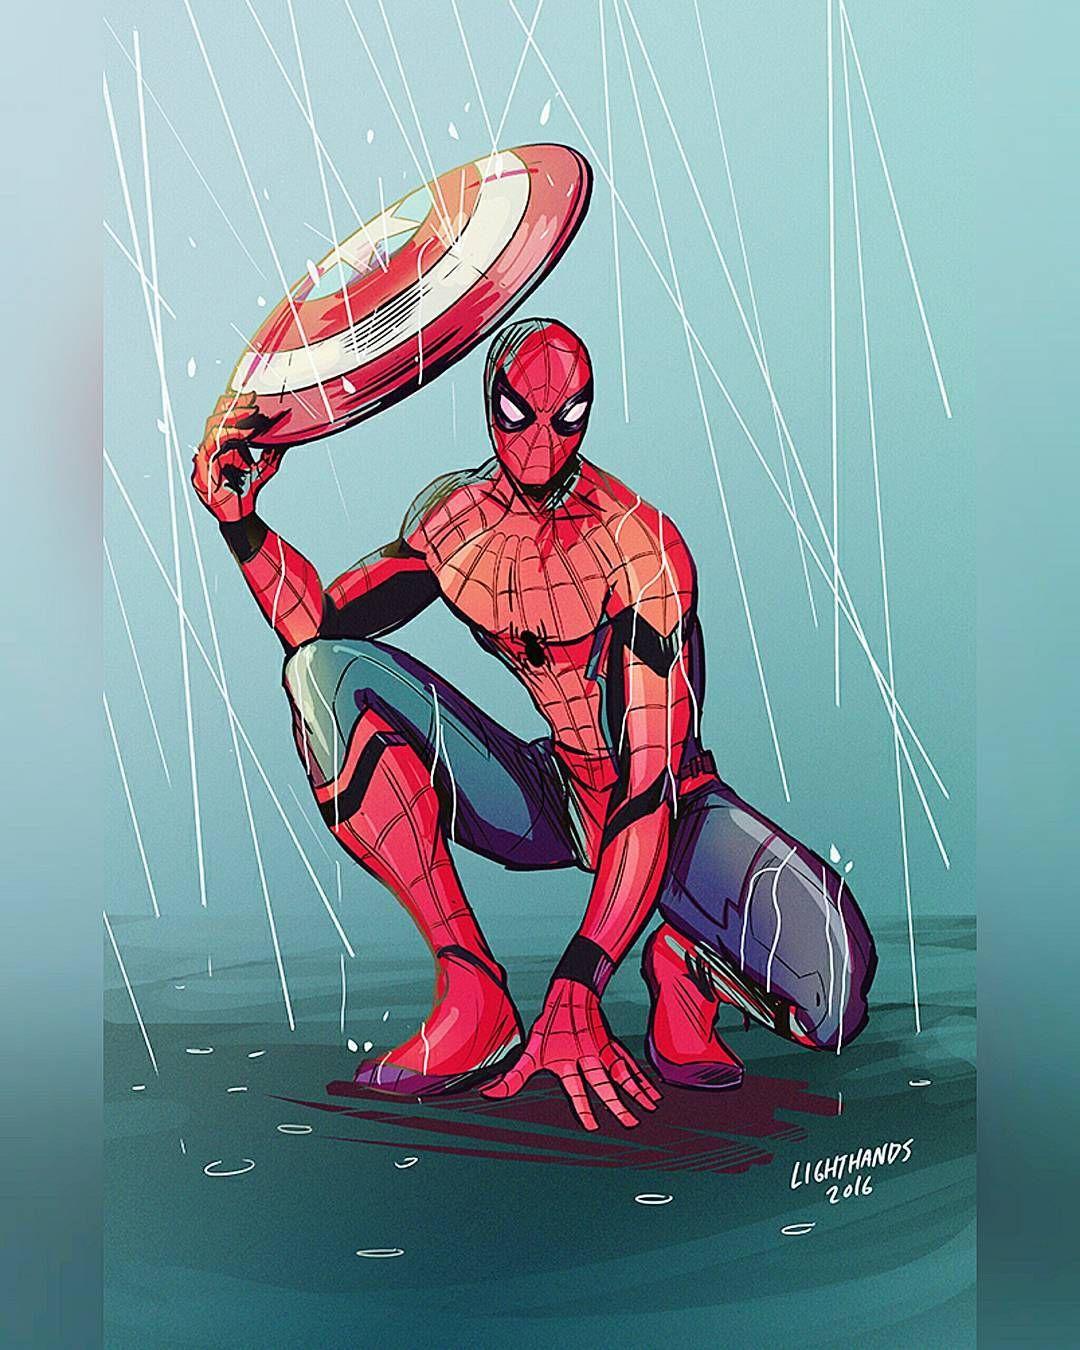 Art  Johnny Lighthands on Behance #Spiderman #Marvel by devilzsmile.com #devilzsmile